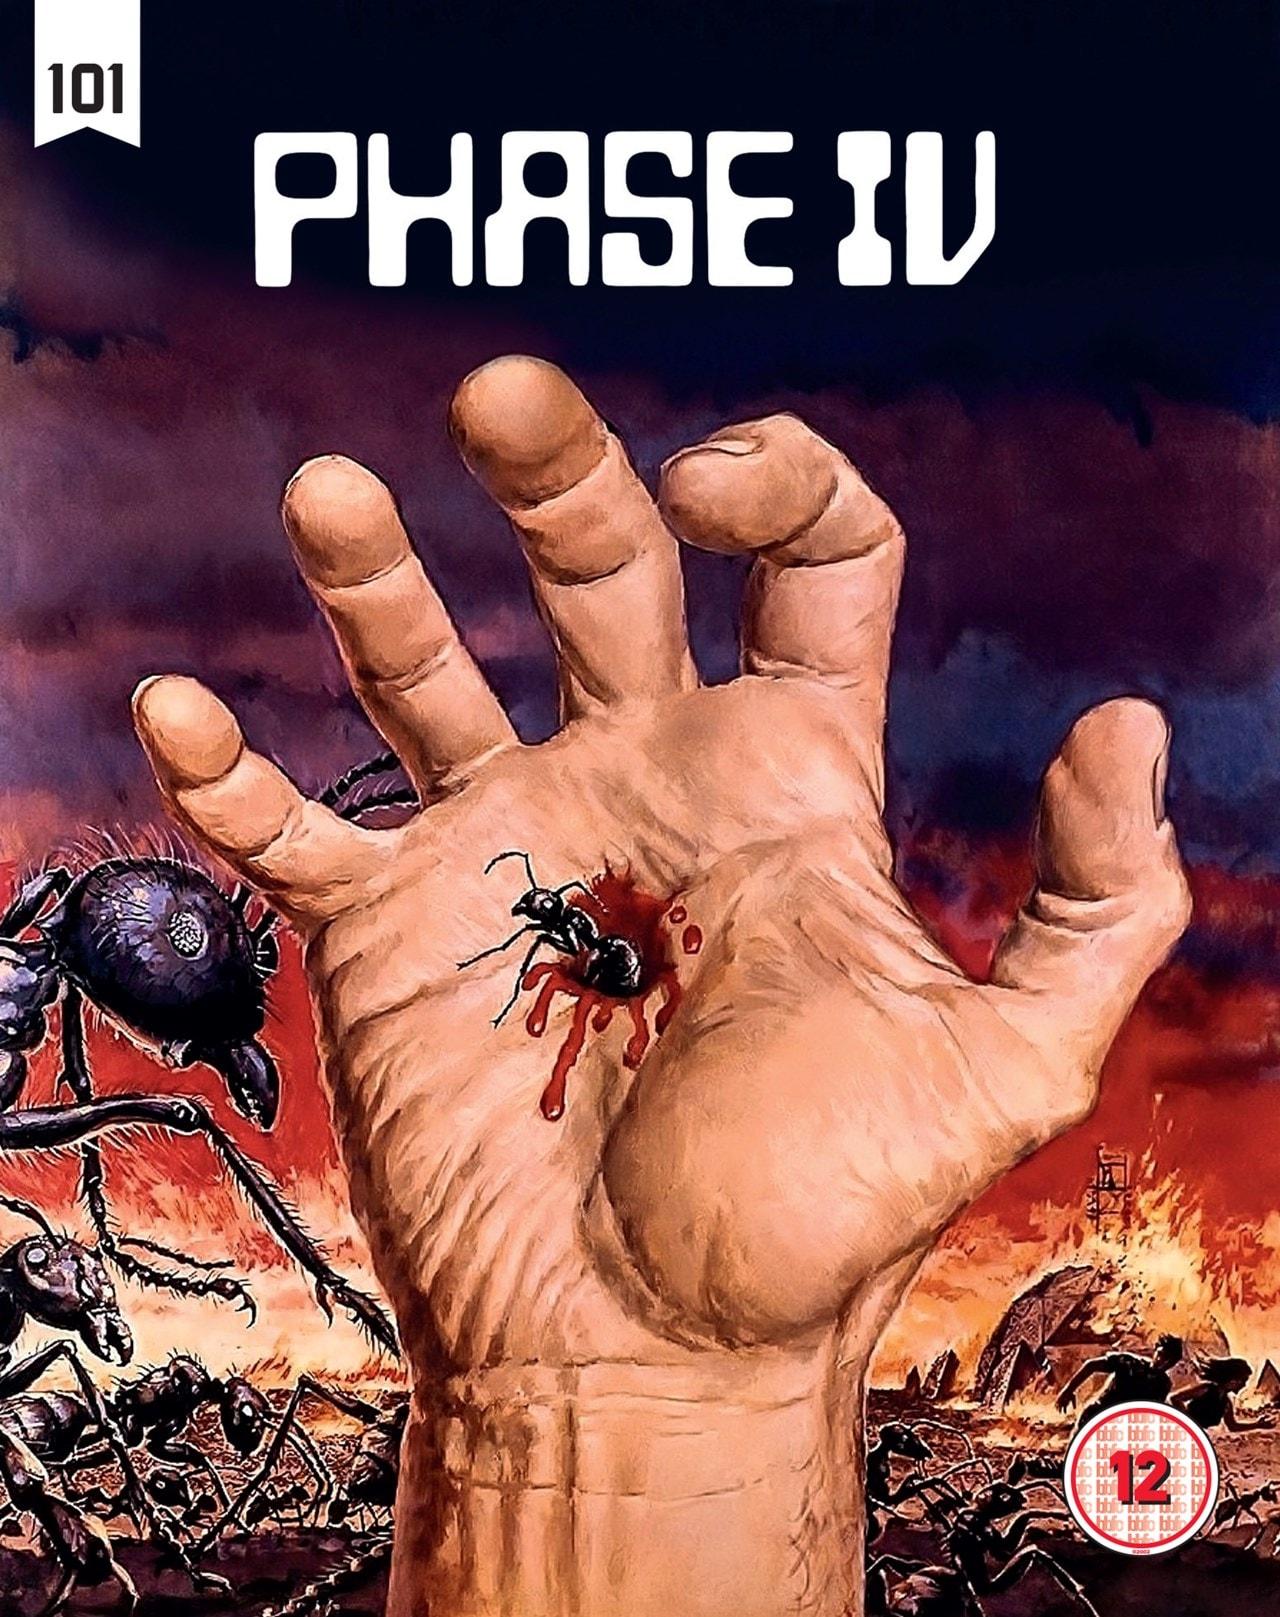 Phase IV - 1